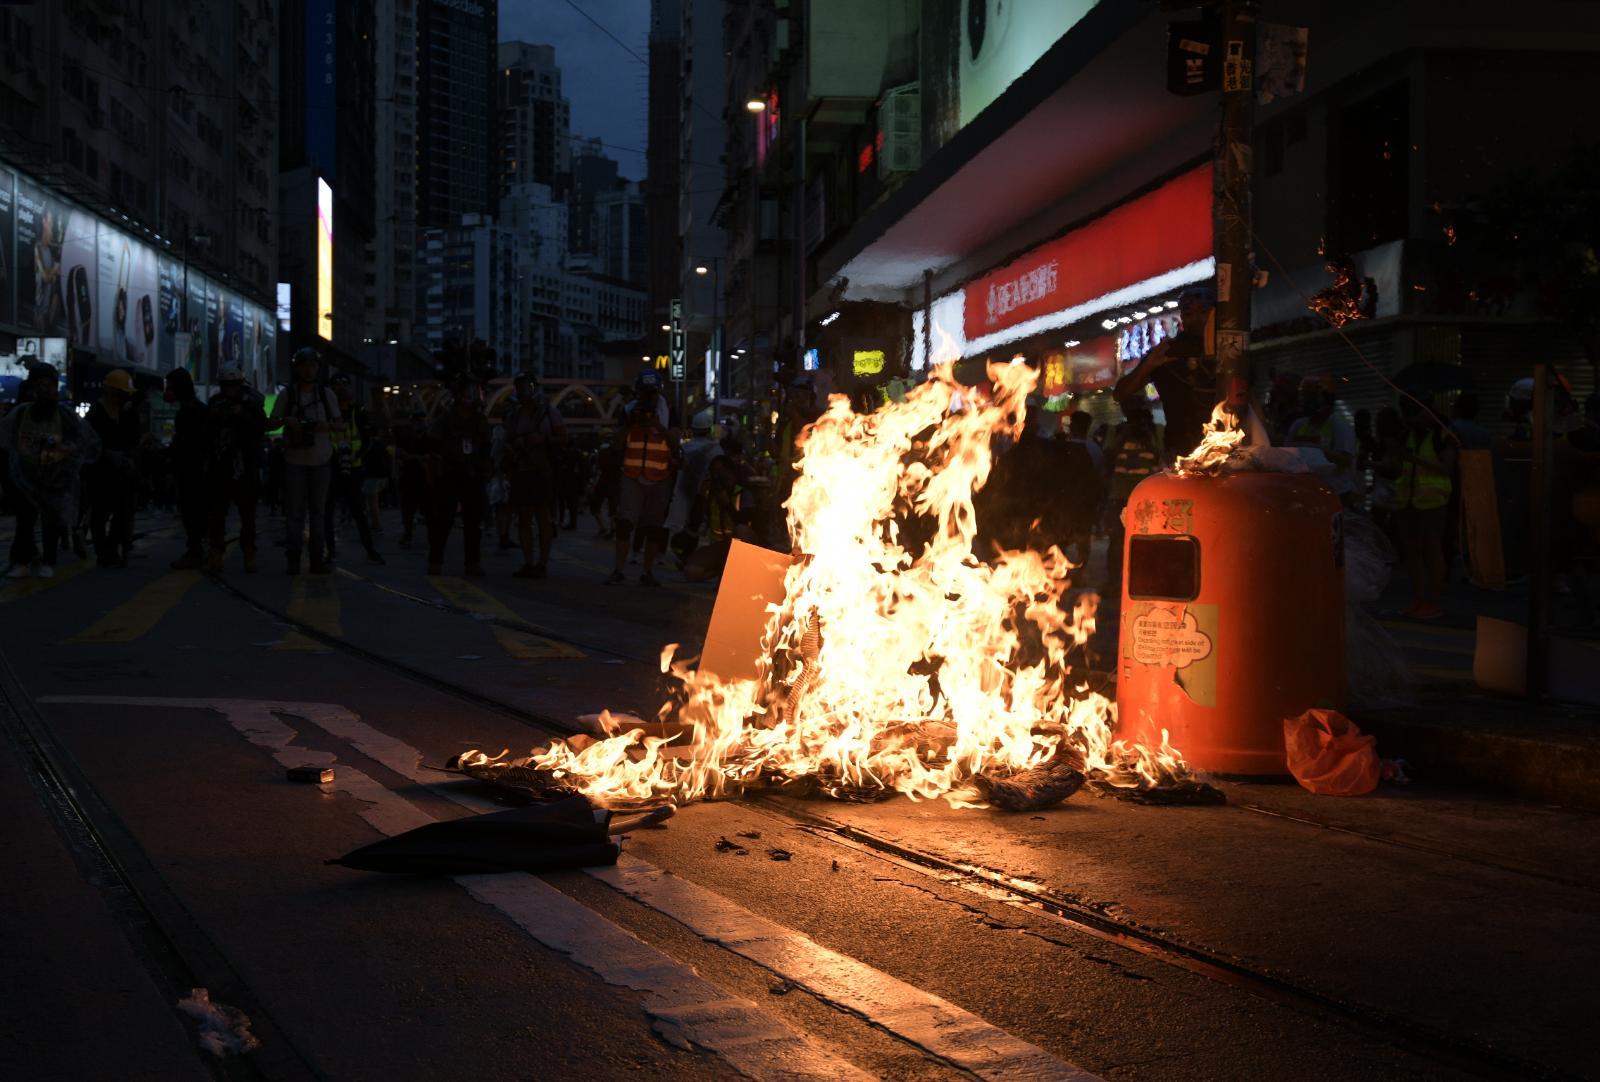 政府嚴厲譴責蒙面暴徒大肆破壞。